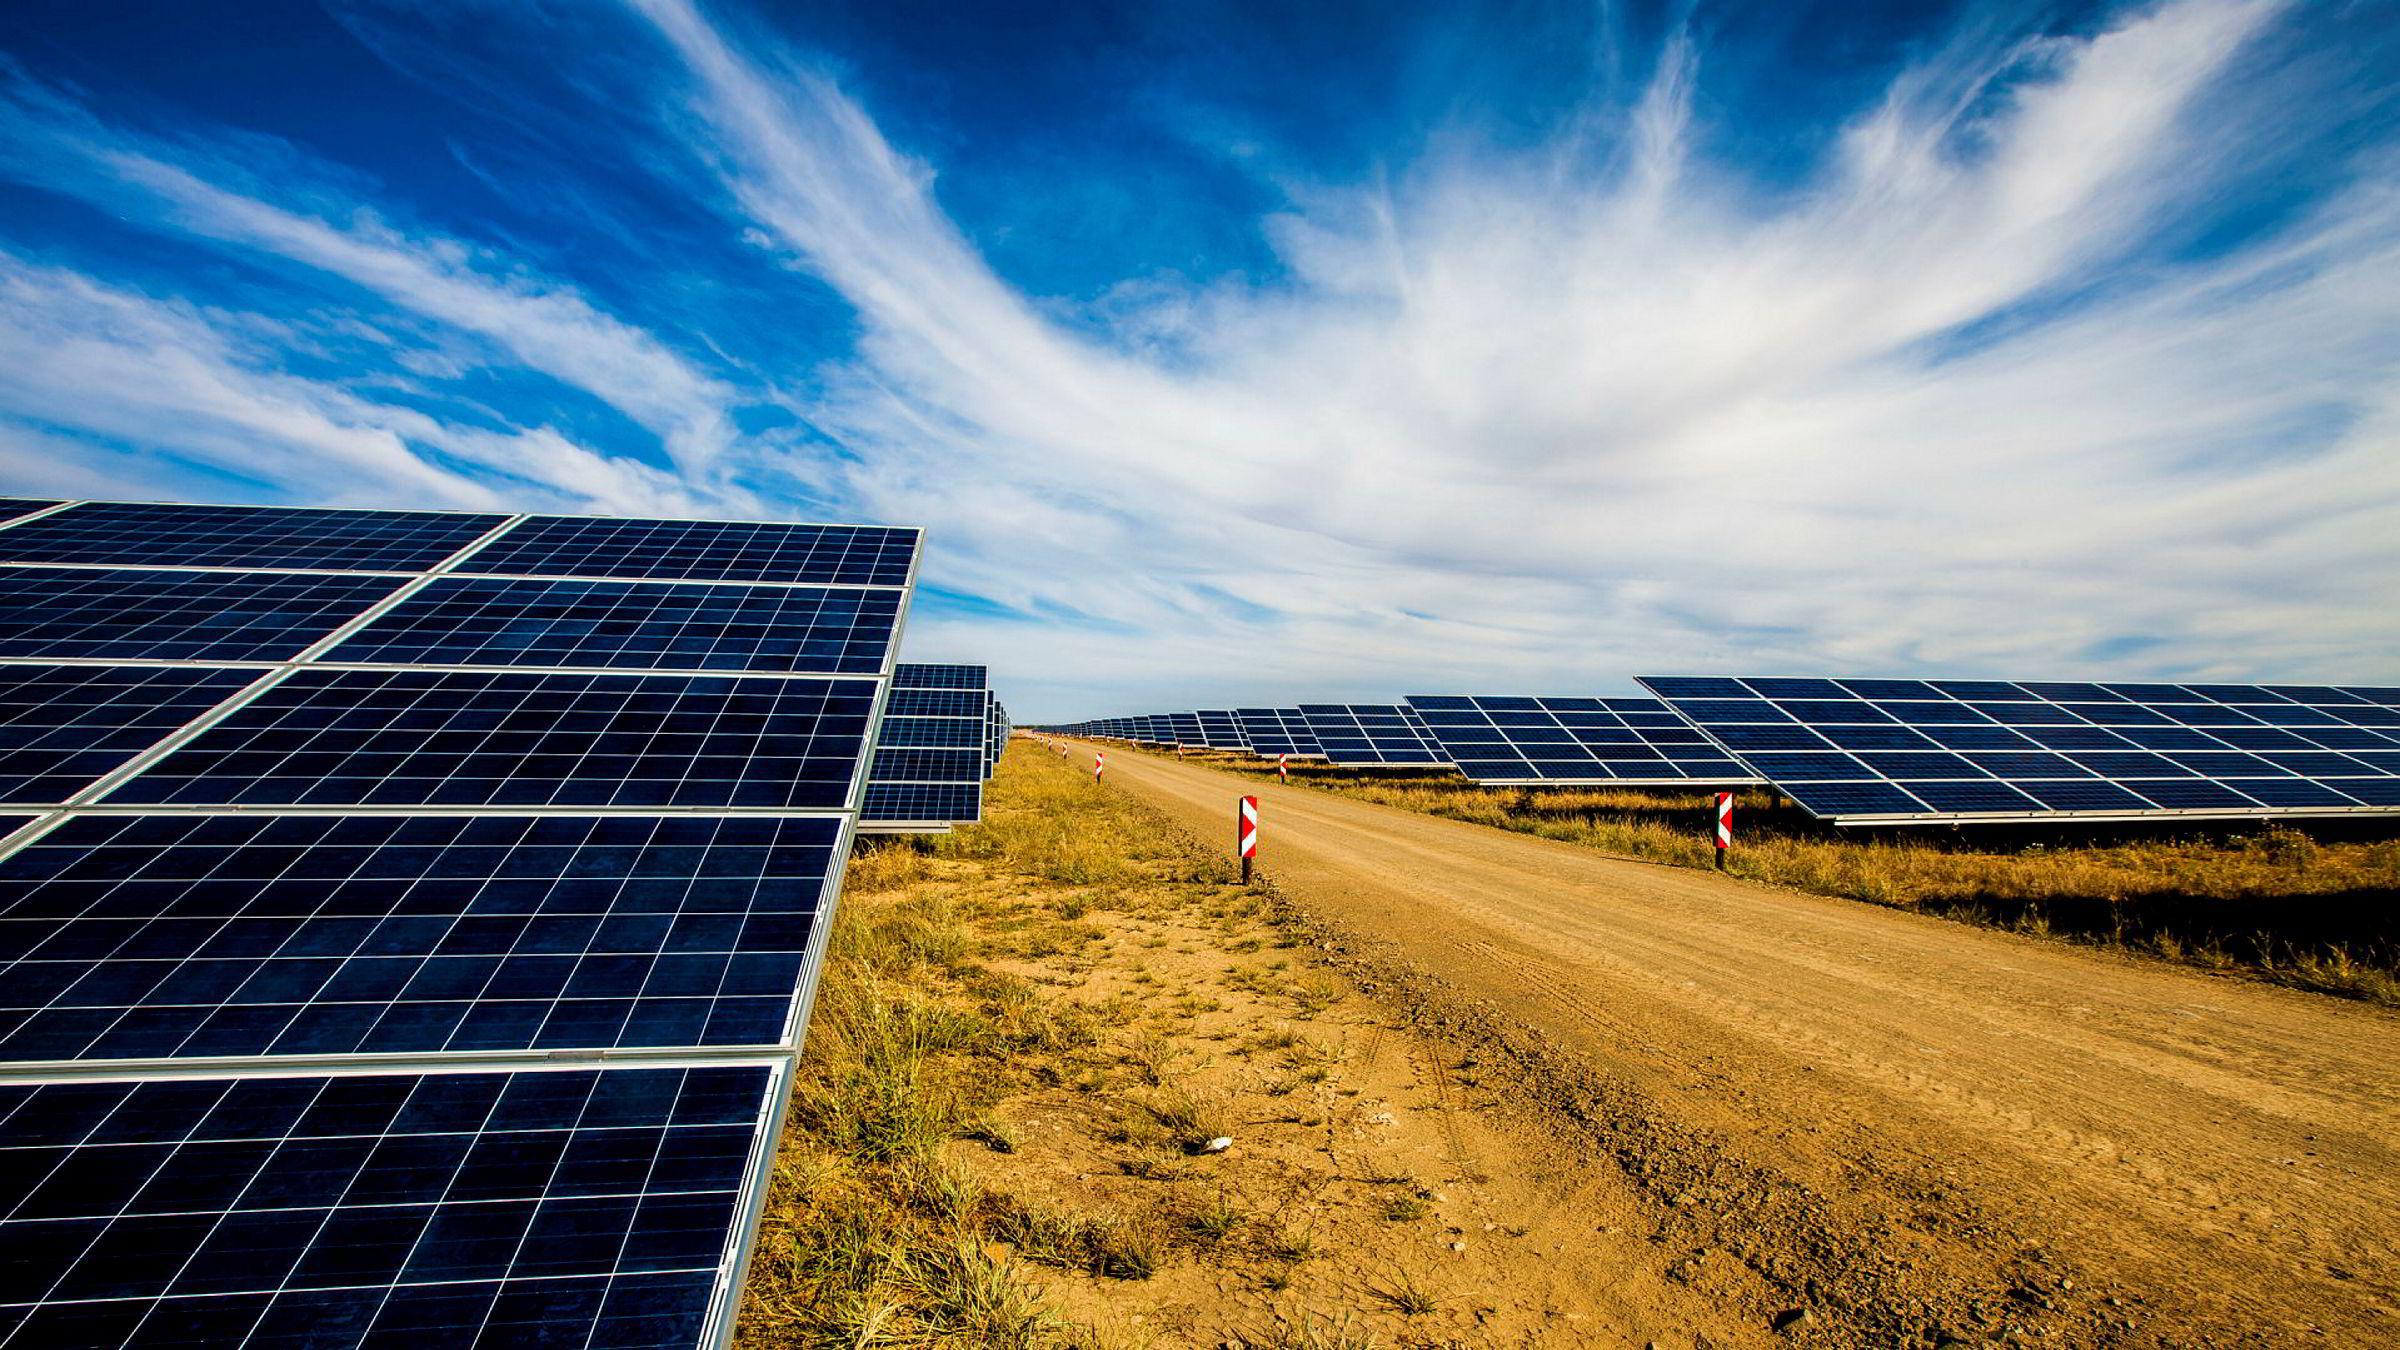 Regjeringens nye garantiordning kan dekke deler av eventuelle tap ved fornybar-investeringer i fattige land. Her fra et Norfund-solcelleprosjekt i Mosambik.